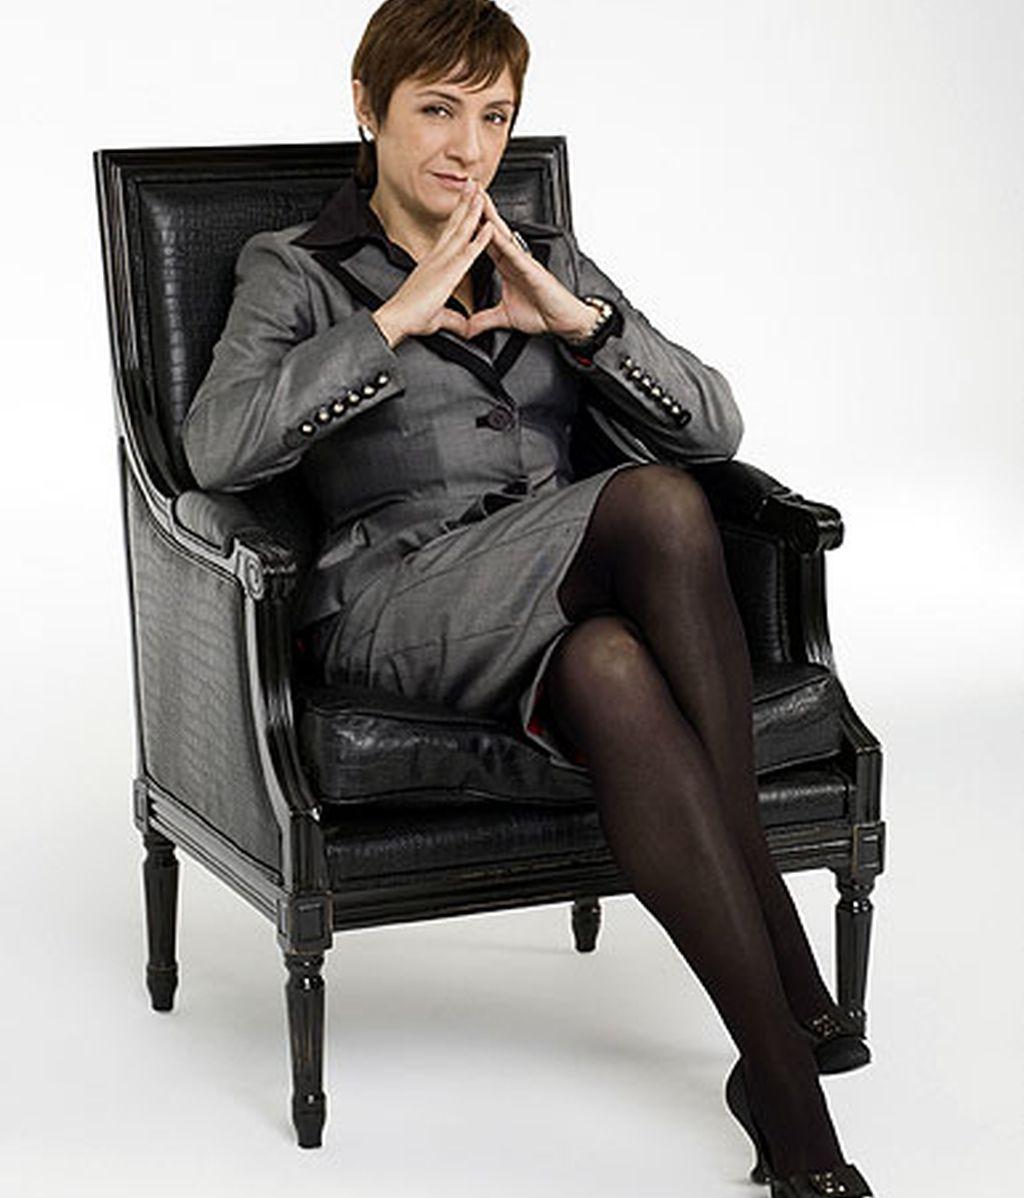 Rosa Ballester (Blanca Portillo)